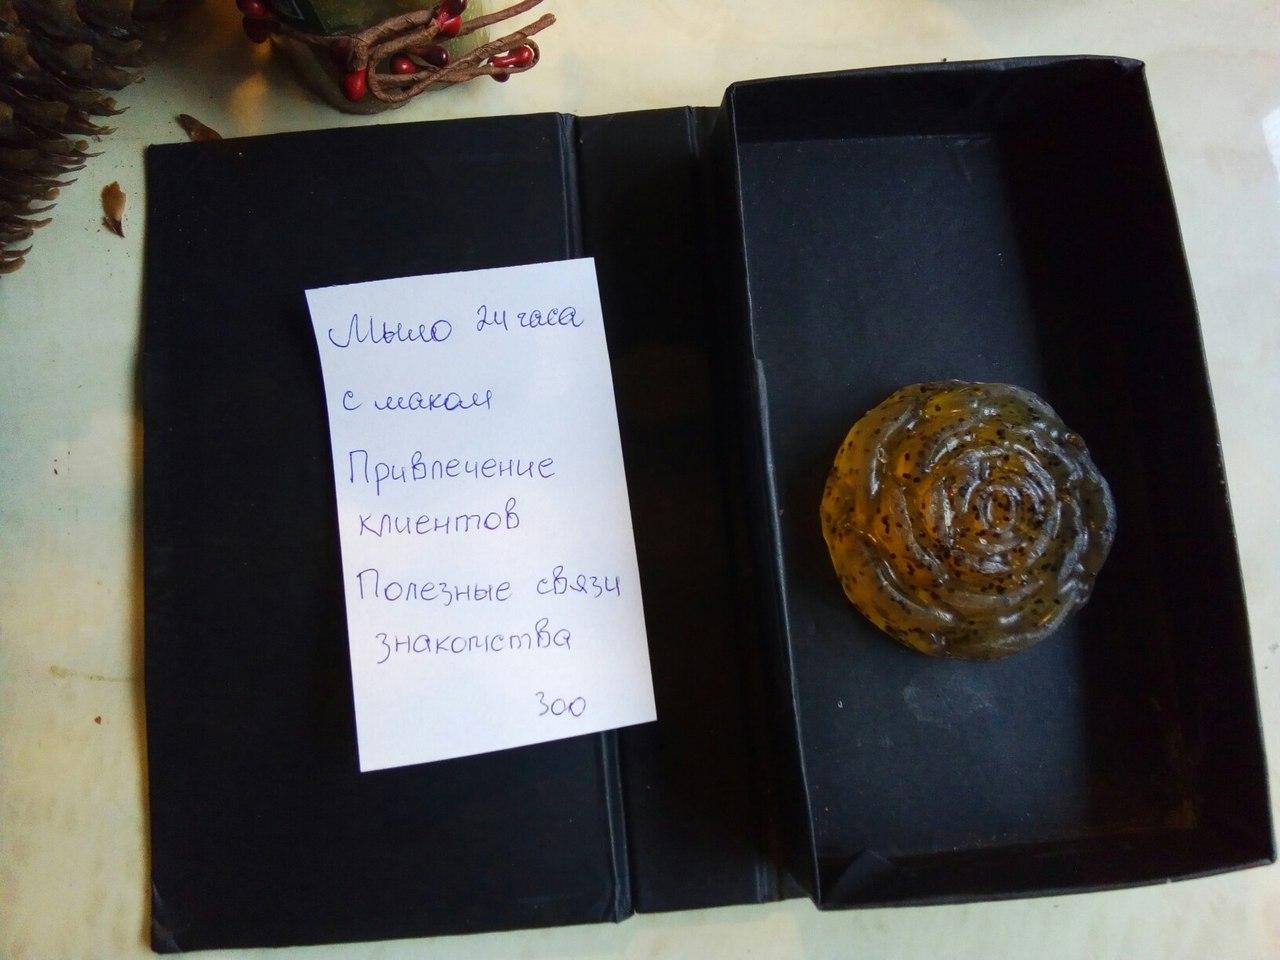 очарование - Программное мыло ручной работы от Елены Руденко - Страница 2 LG6tzG8-oWE